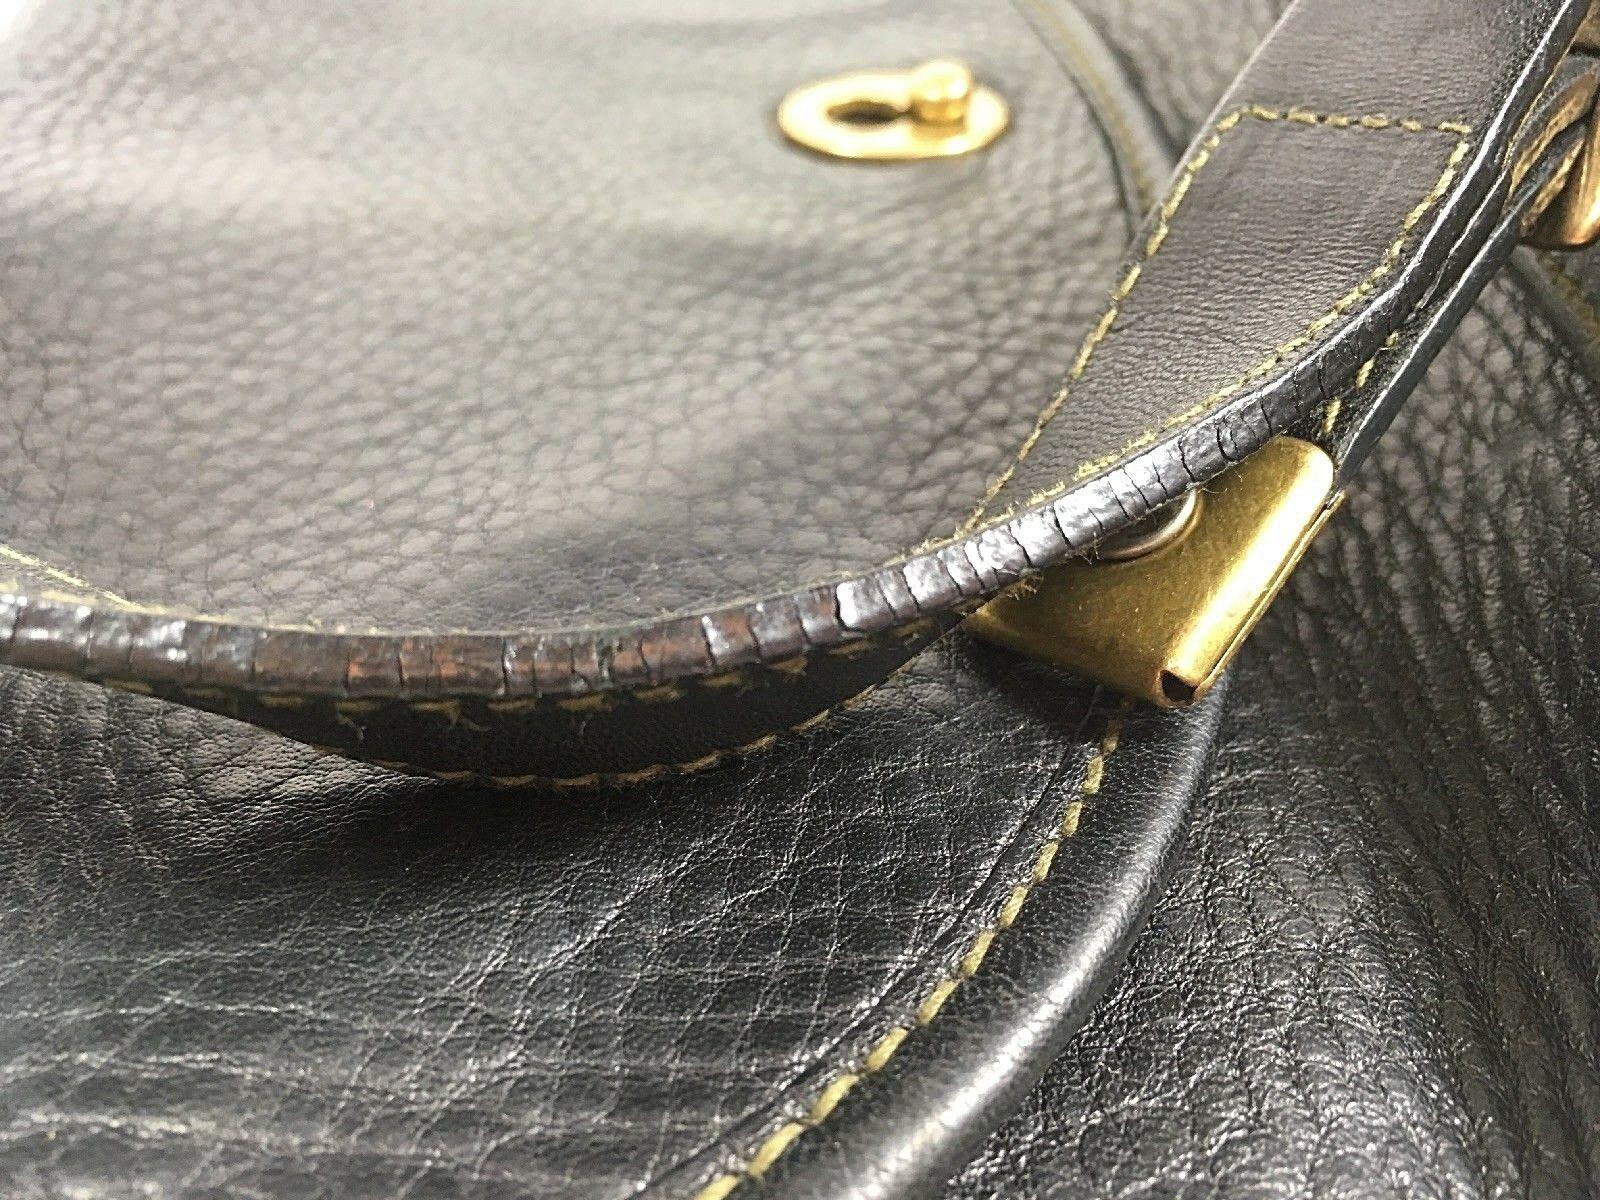 Fossil Vintage Black Pebbled Leather Crossbody Shoulder Bag – Well Worn